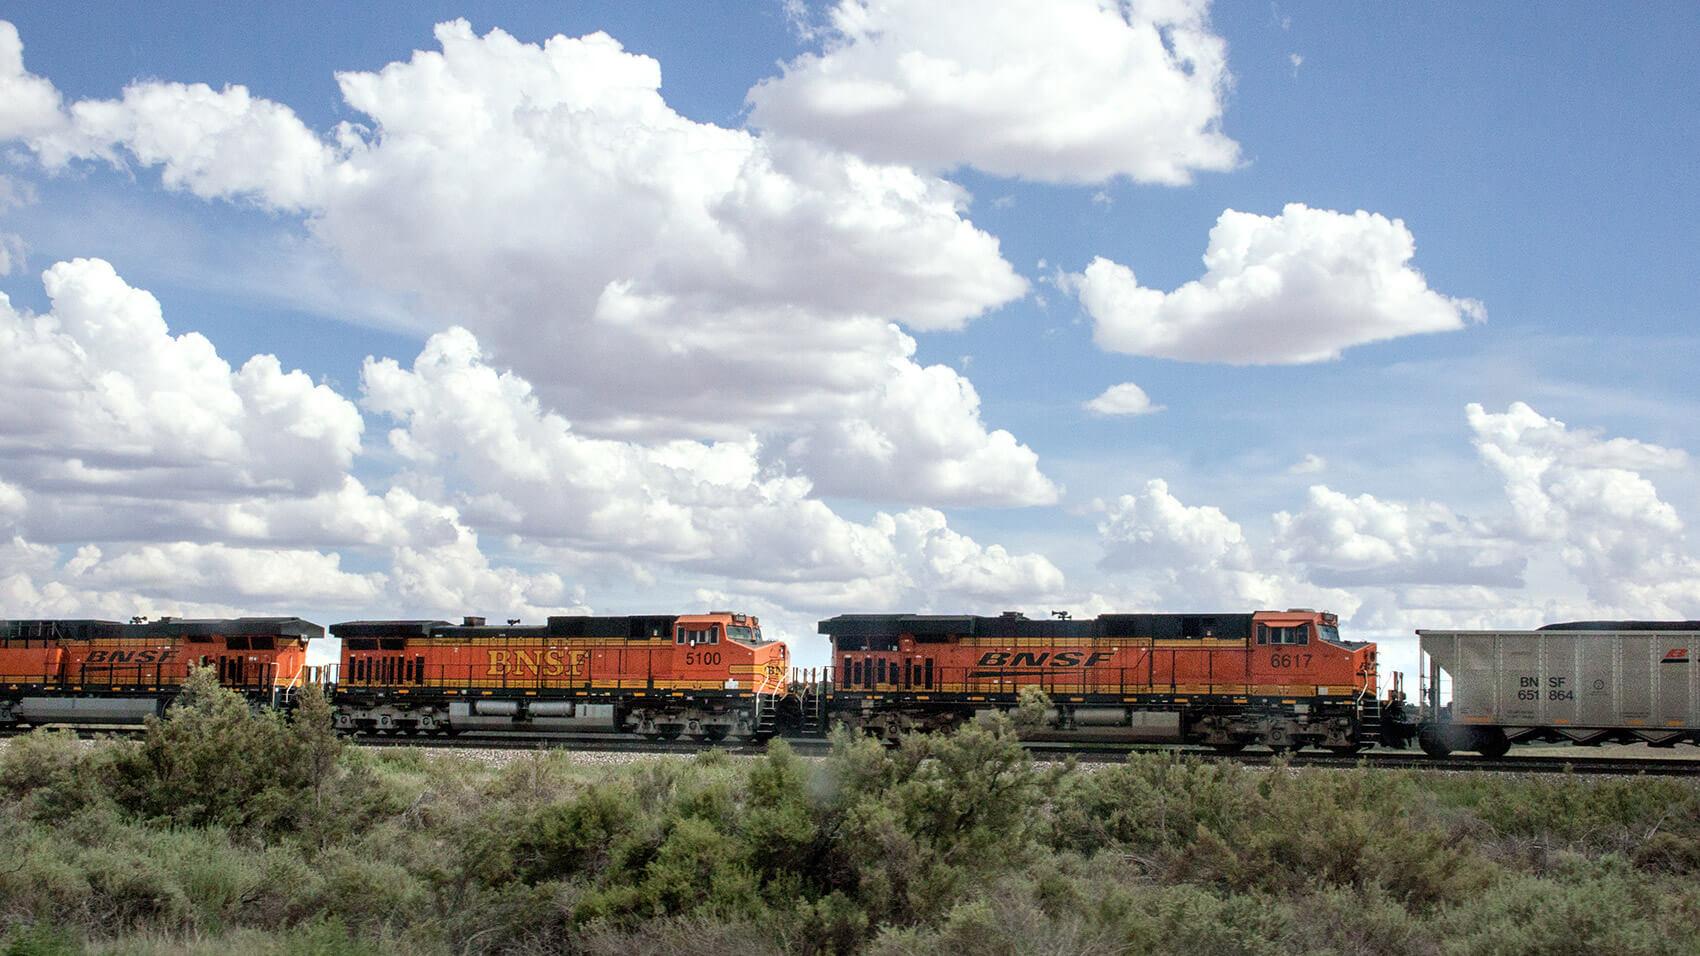 Train in Arizona